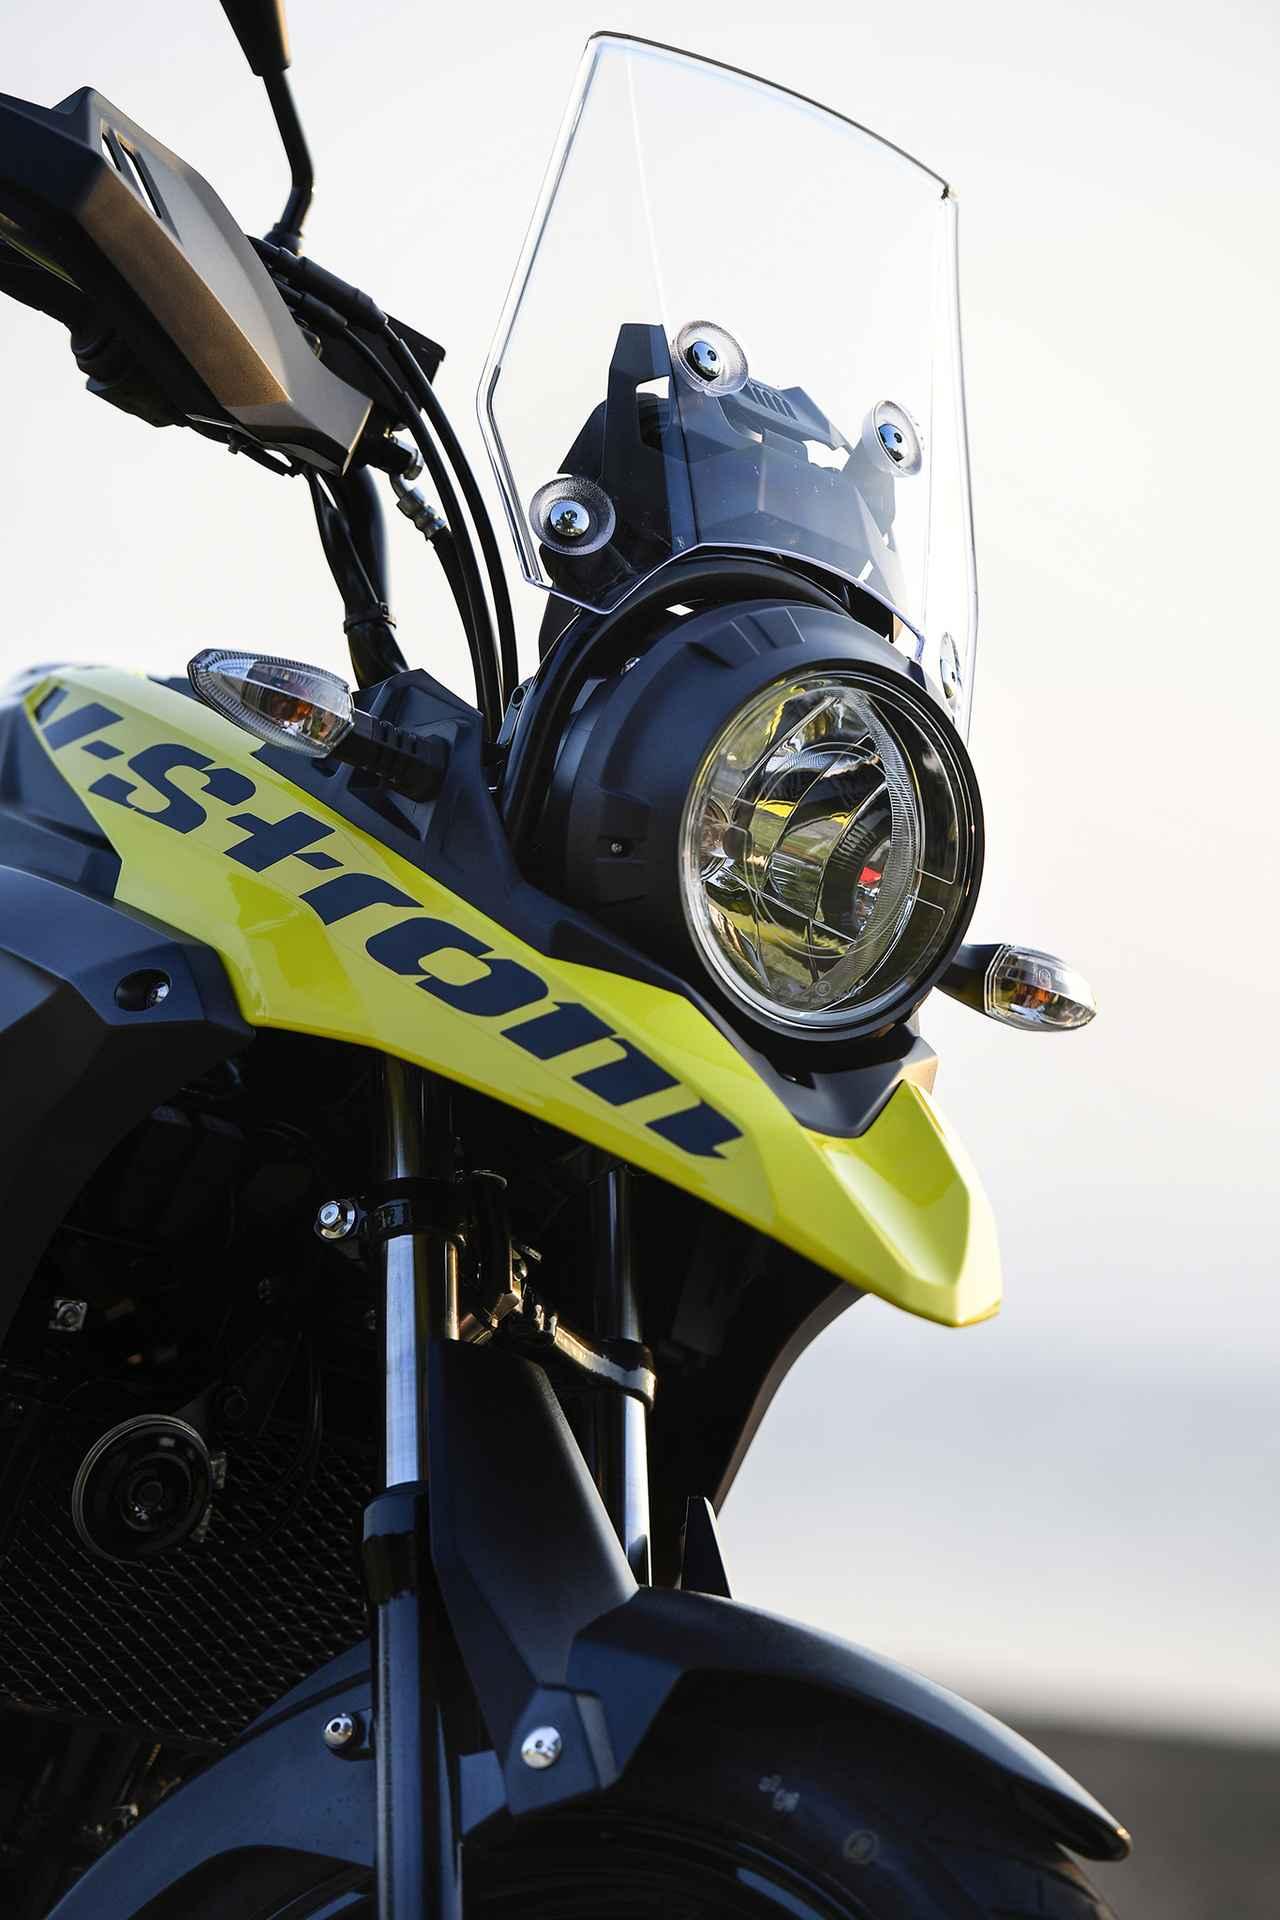 スズキ Vストローム250 ABS(2)「オートバイの格好良いとは何か」(撮影2017年)【カメラマン 柴田直行/俺の写真で振り返る平成の名車】第9回